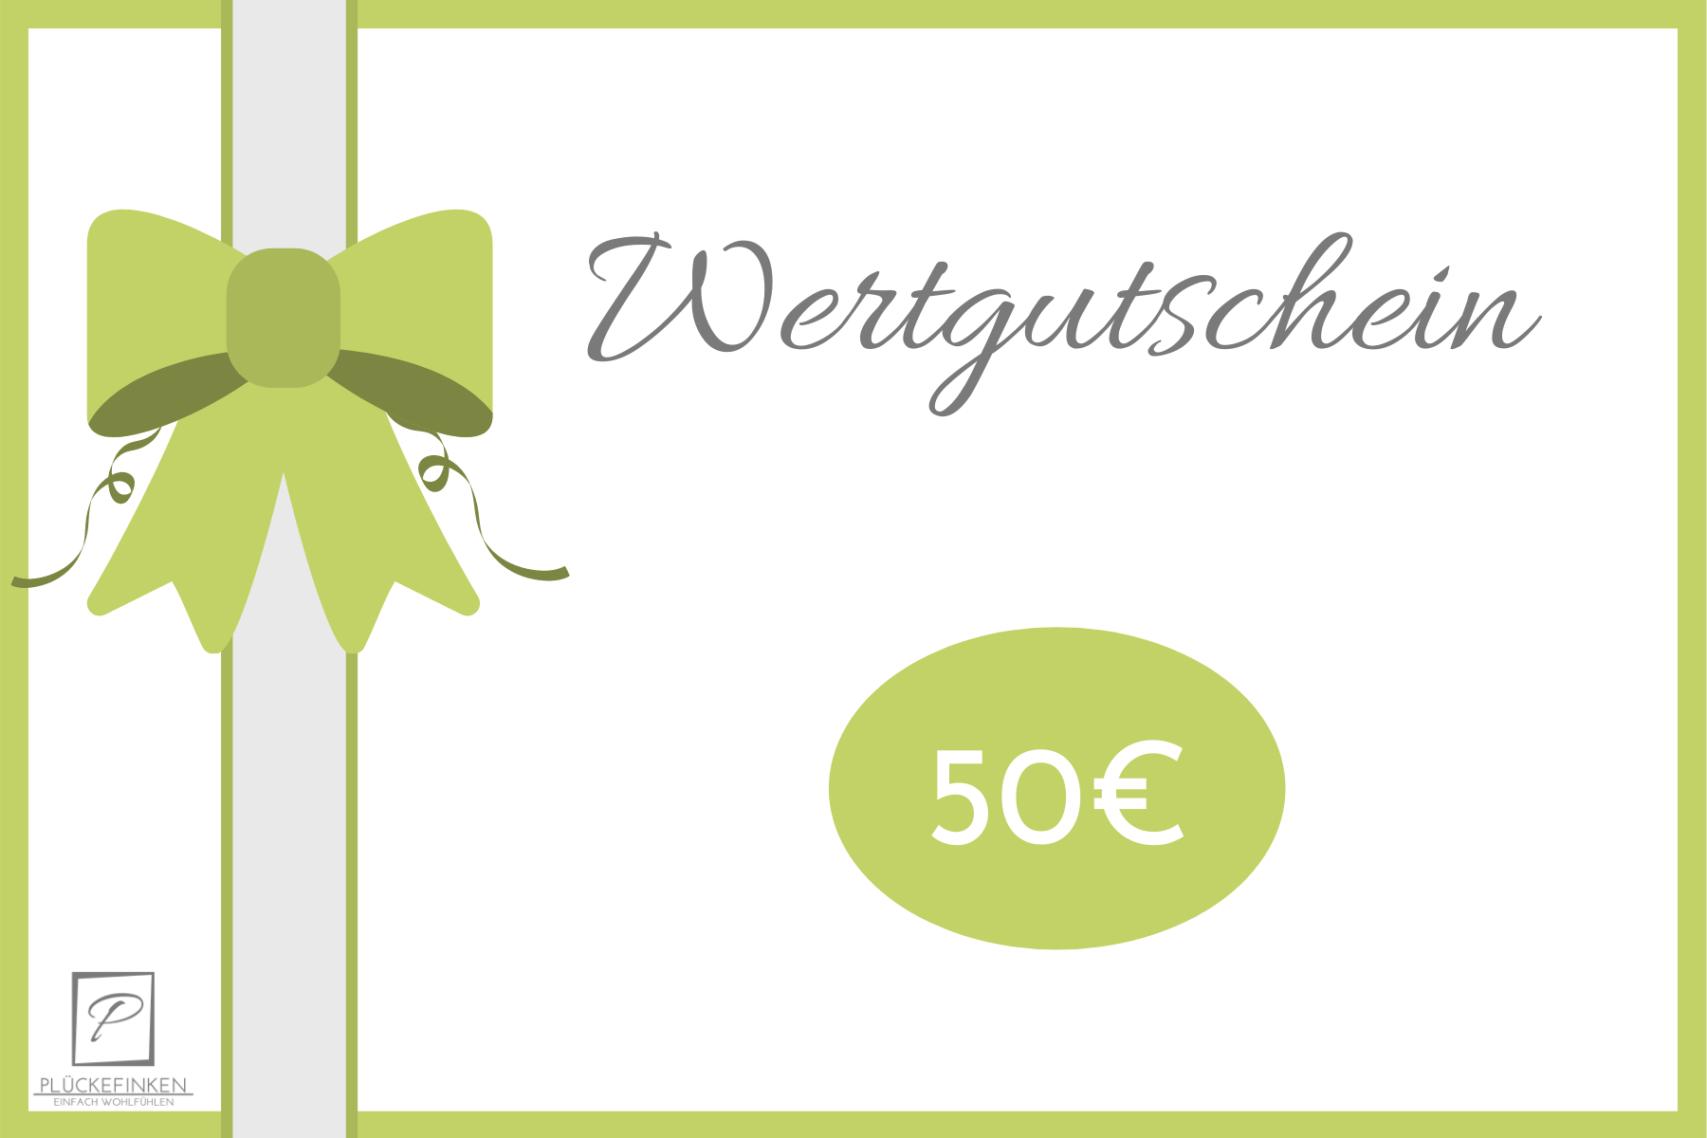 Wertgutschein-50Euro